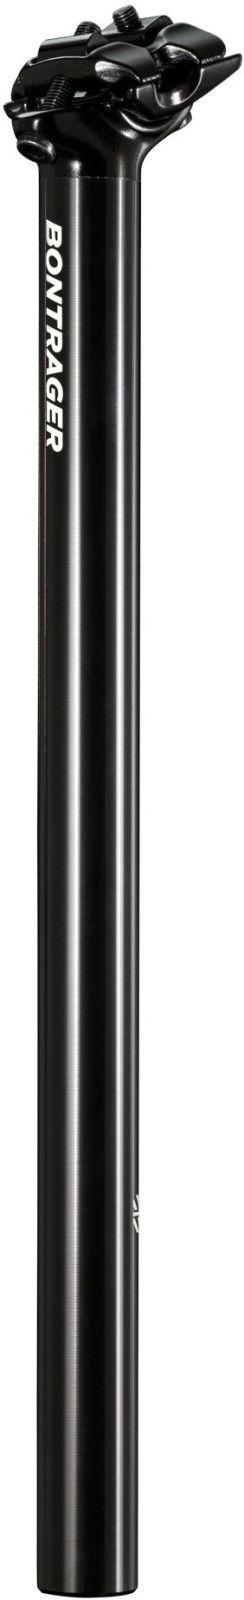 Bontrager Comp Seatpost 31.6mm/8mm Ofset - black 330mm